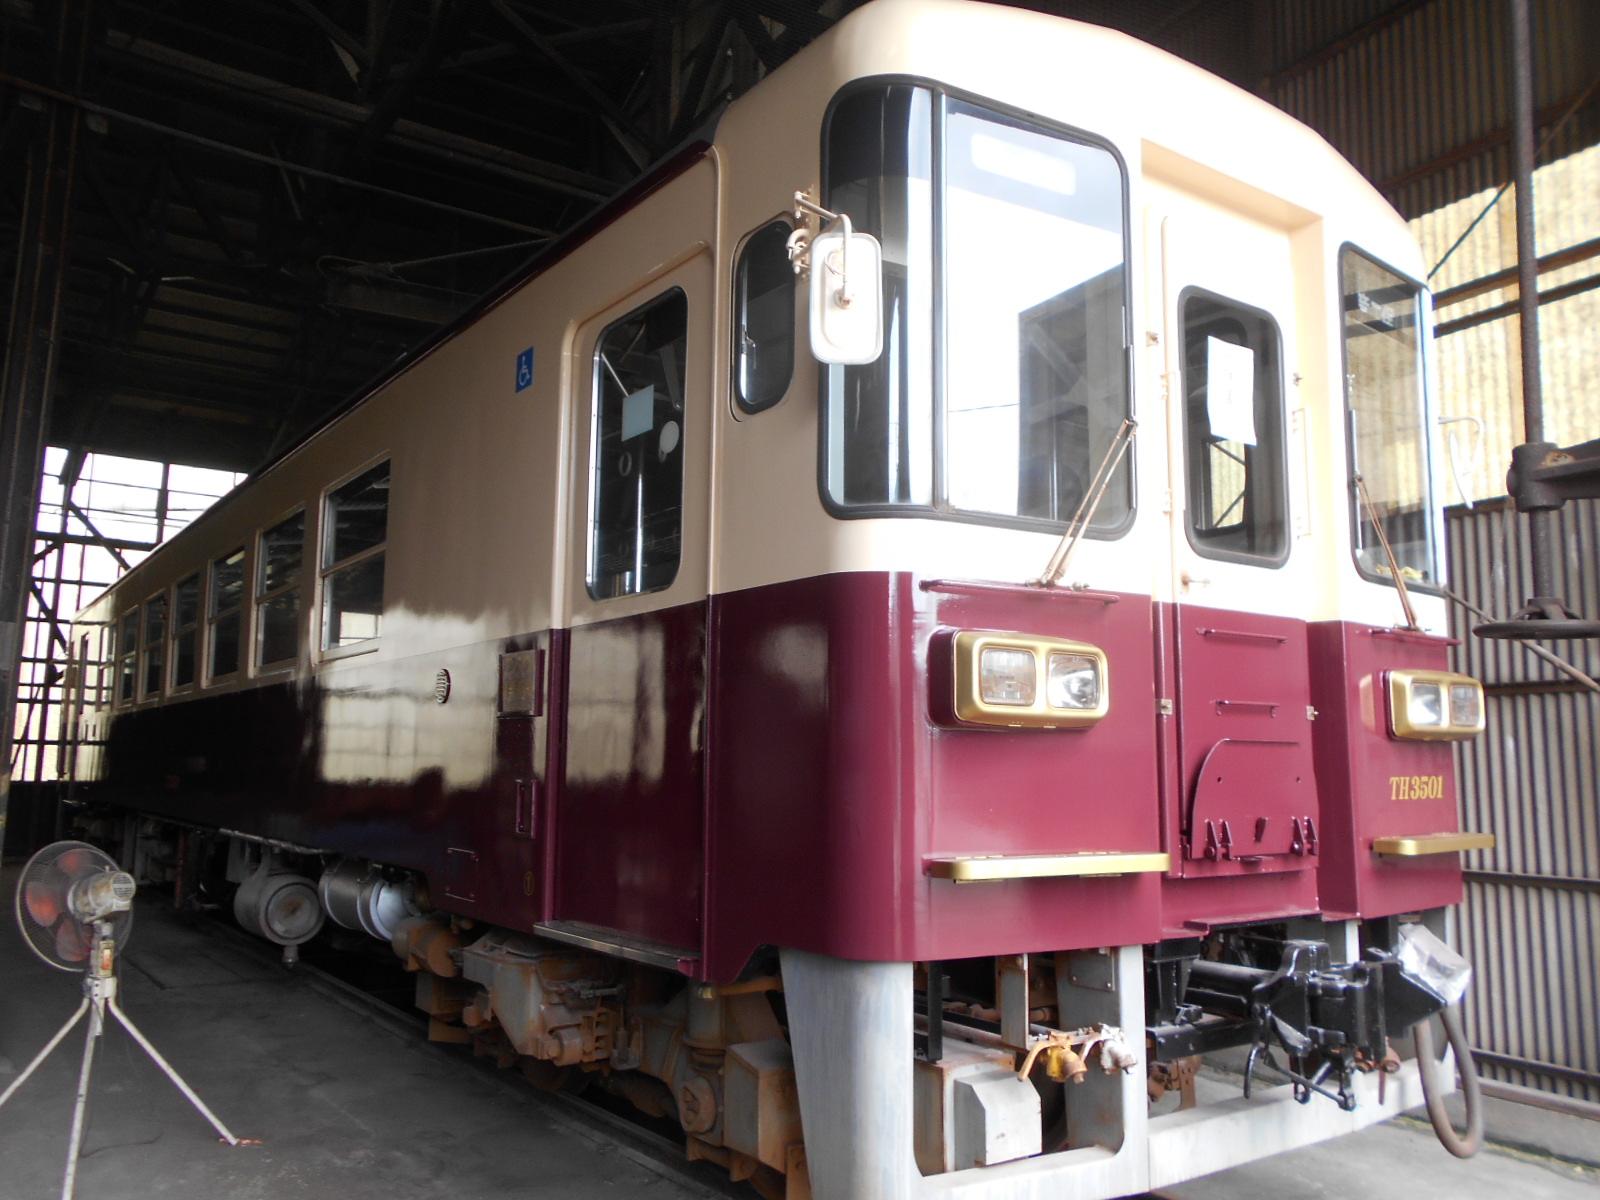 天竜浜名湖鉄道TH3501[浜松市南区の加藤塗装]|外壁塗装、屋根塗装